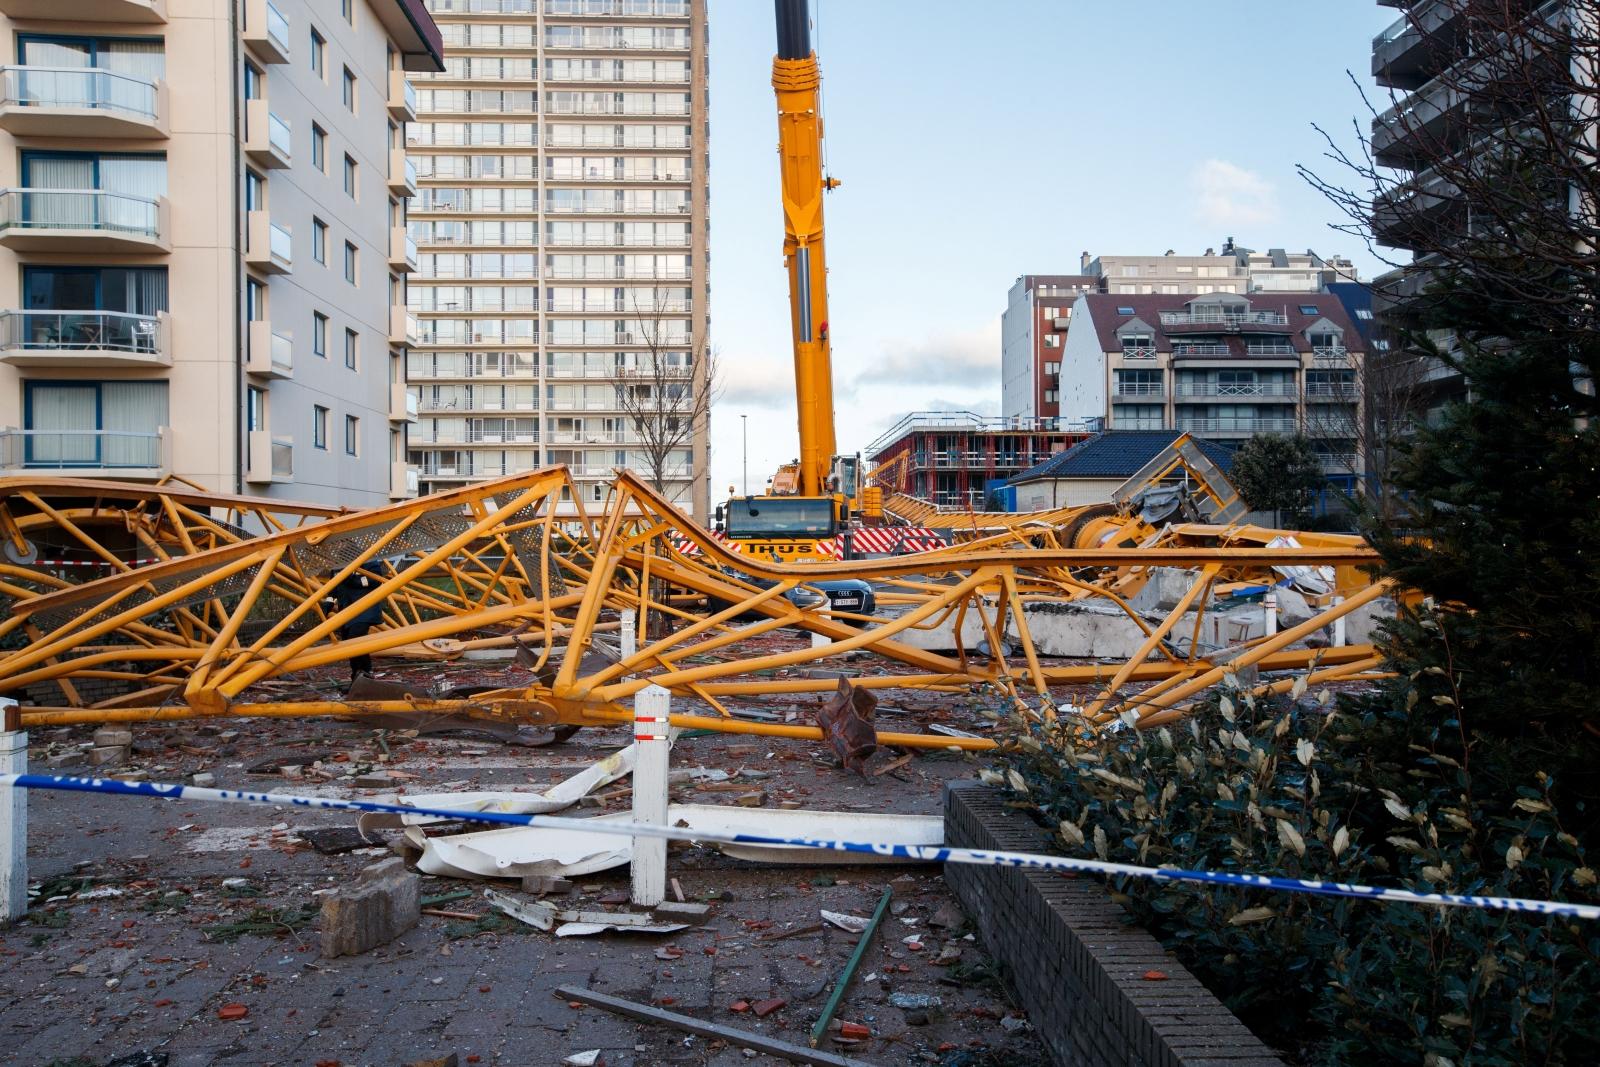 Fallen crane in Niewpoort